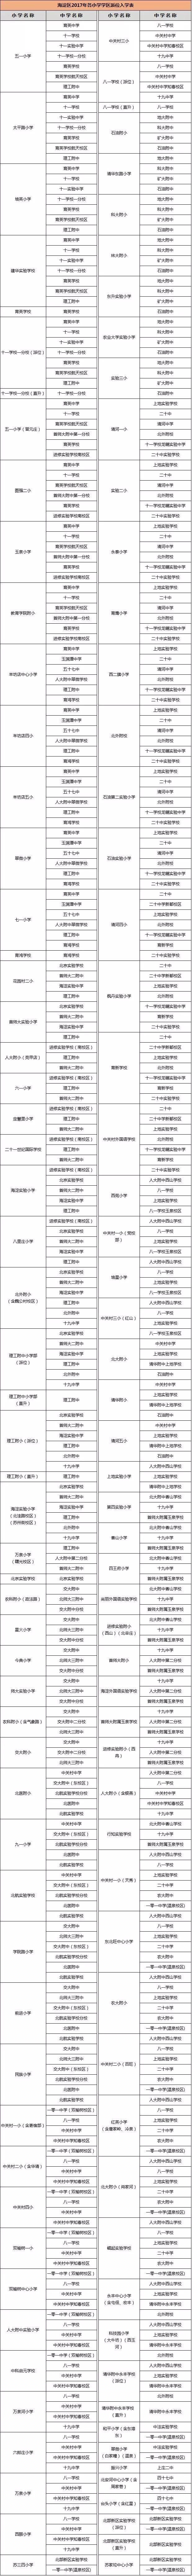 2018北京小升初学区划分表及派位表一览!(各区)